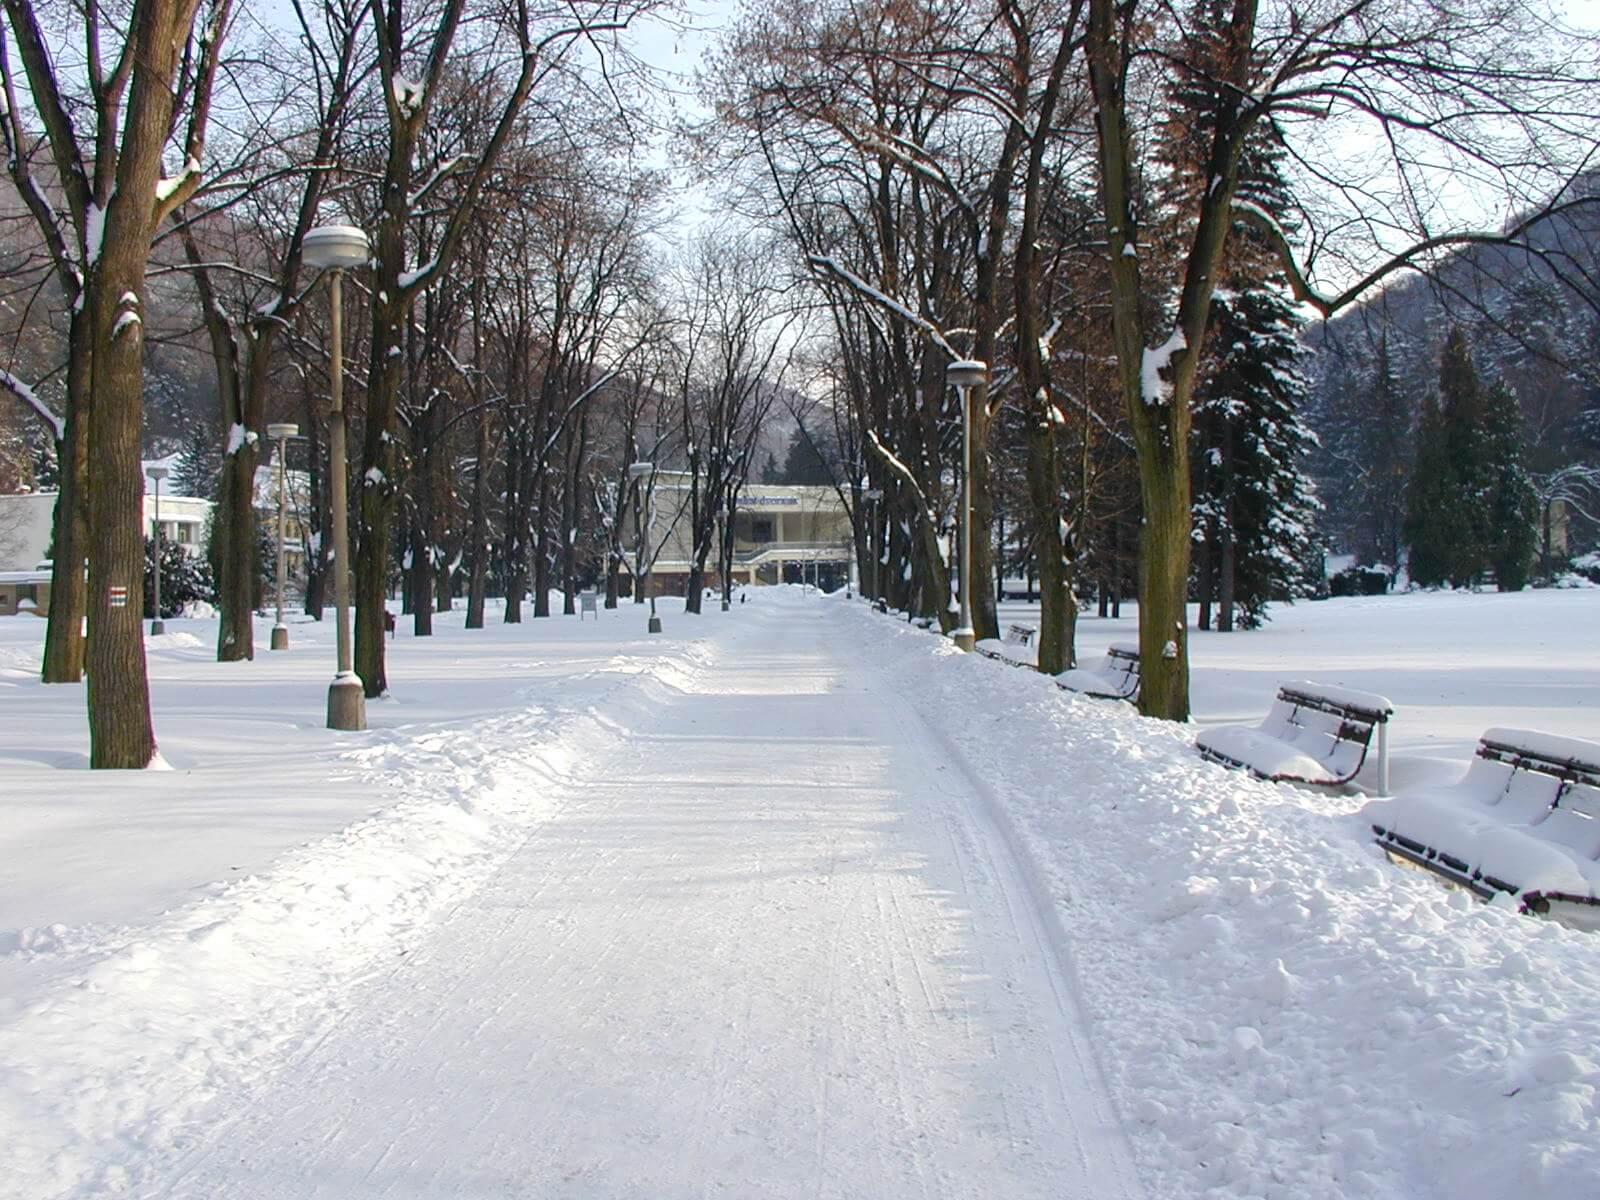 Zima v Kúpeľnom parku